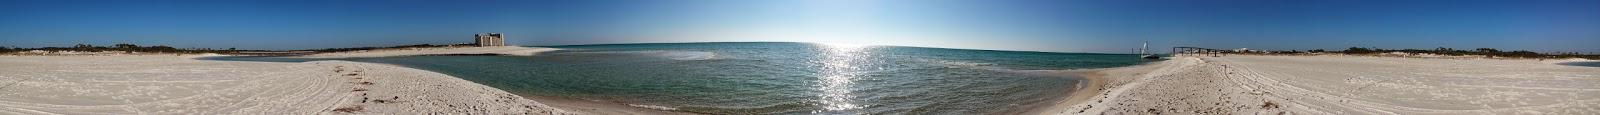 Na rozgrzewkę i rozgrzanie- Panama City Beach,FL